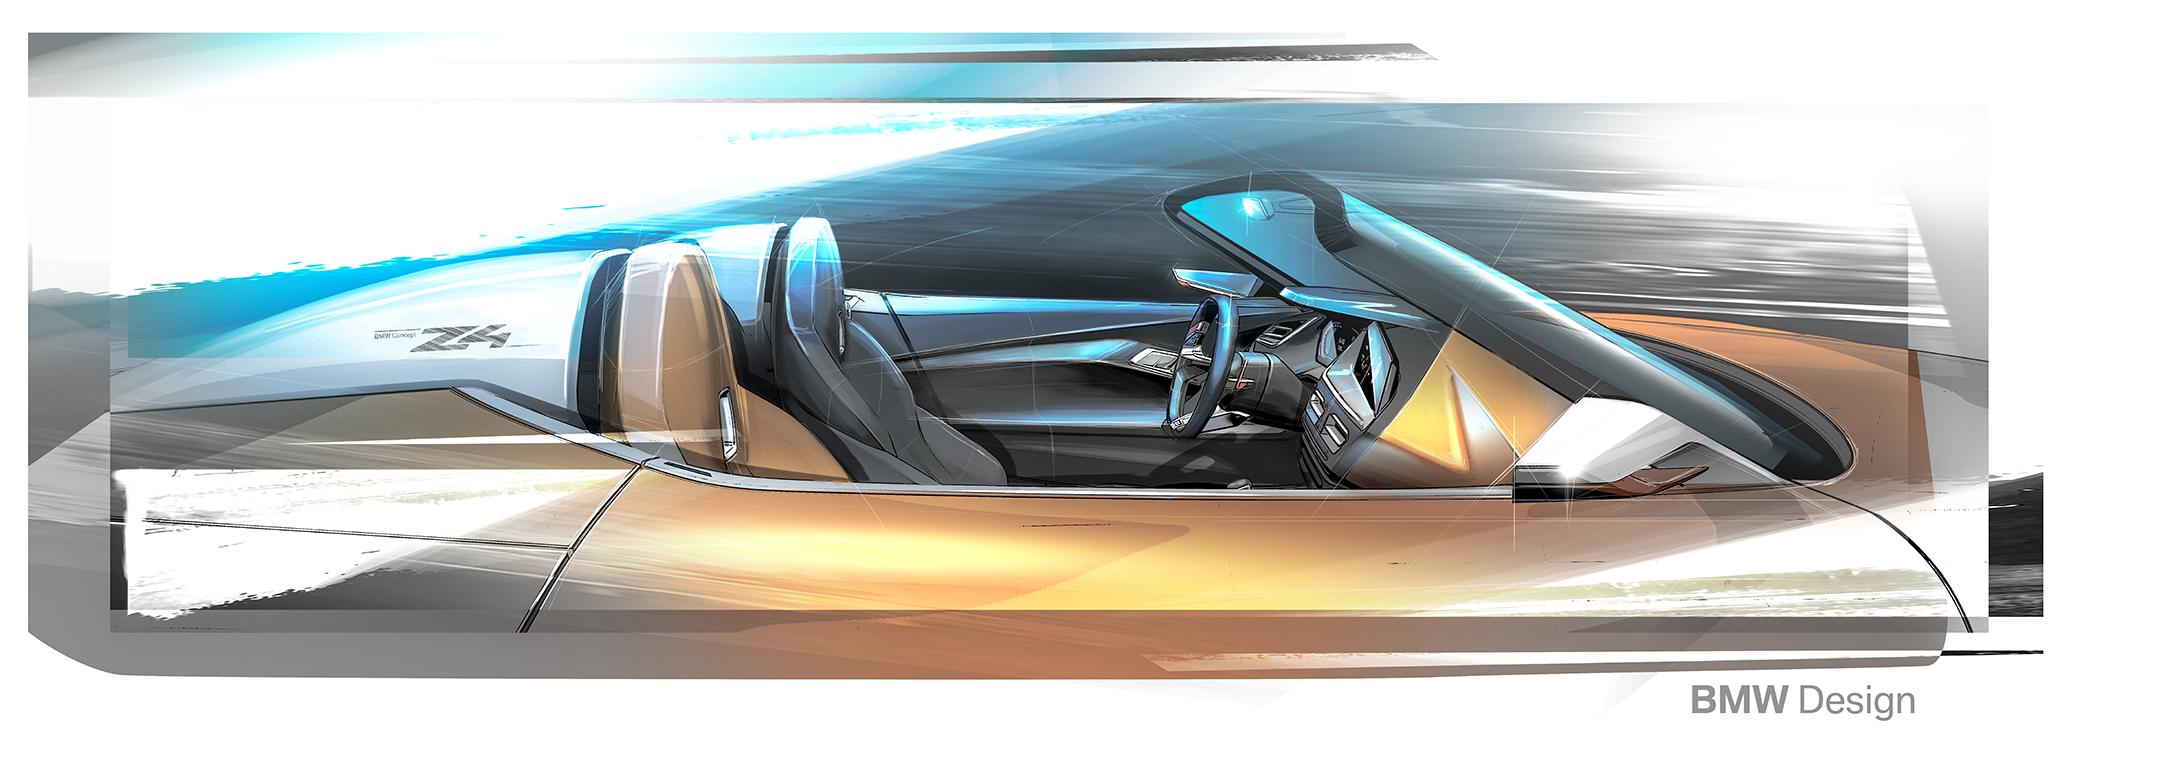 BMW Concept Z4 - 2017 - sketch - interior / intérieur - side-face / profil